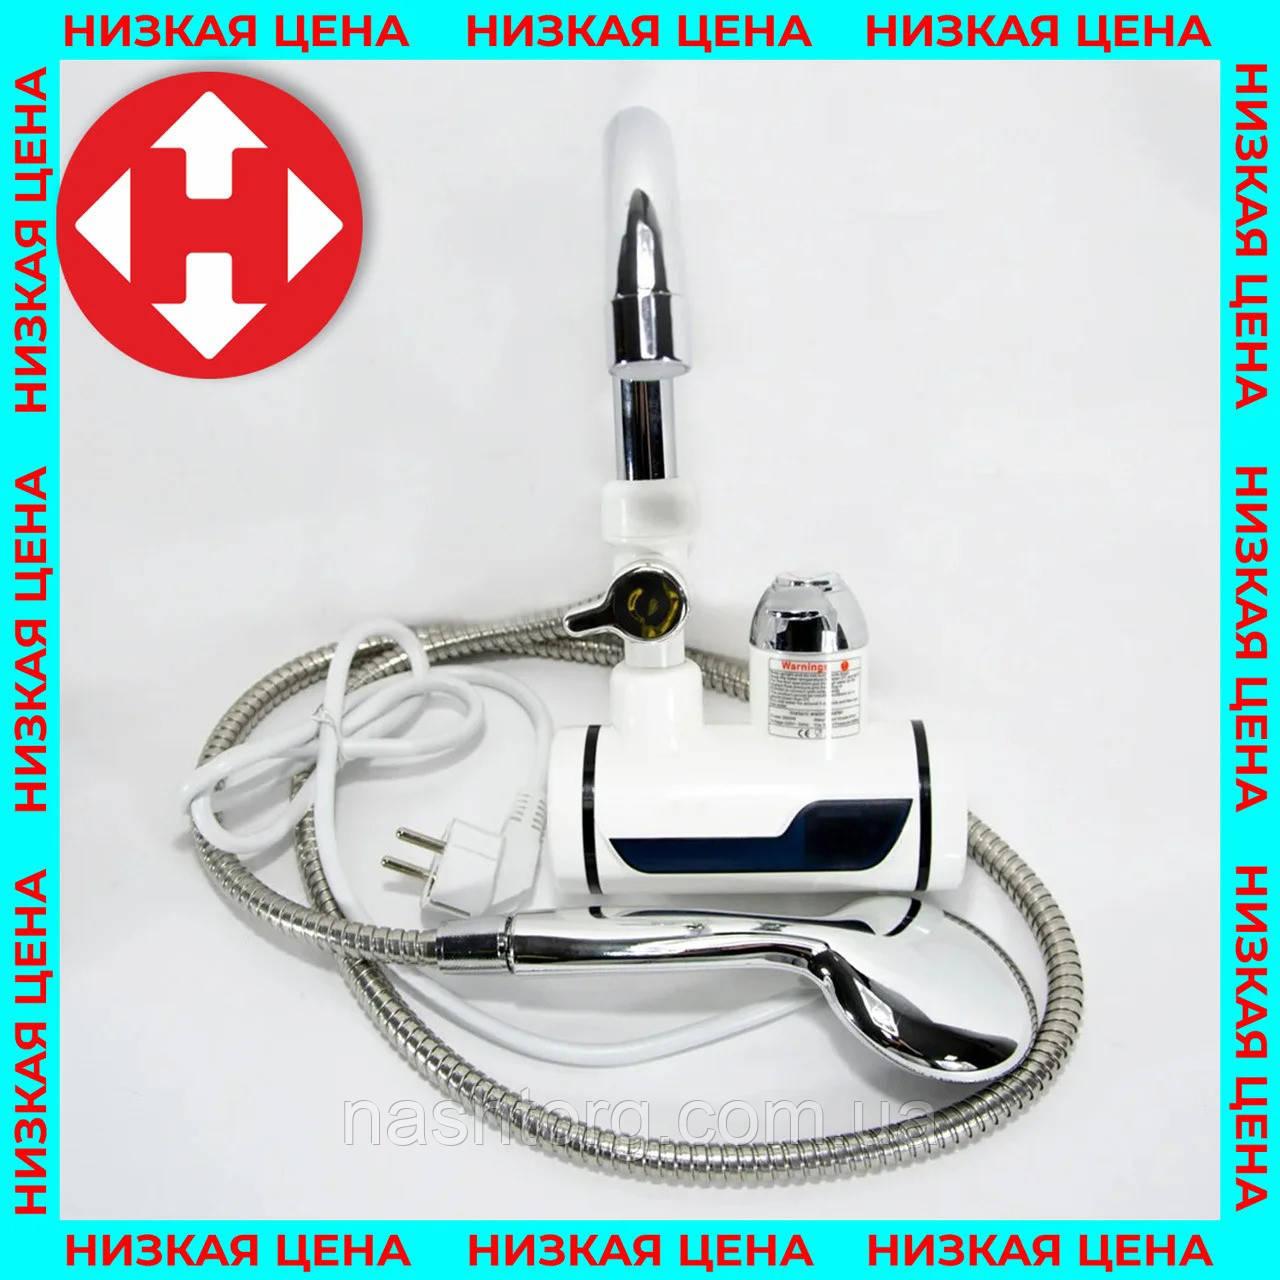 Распродажа! Проточный водонагреватель с душем, MP 5208, кран мгновенного нагрева воды, нагреватель на кран